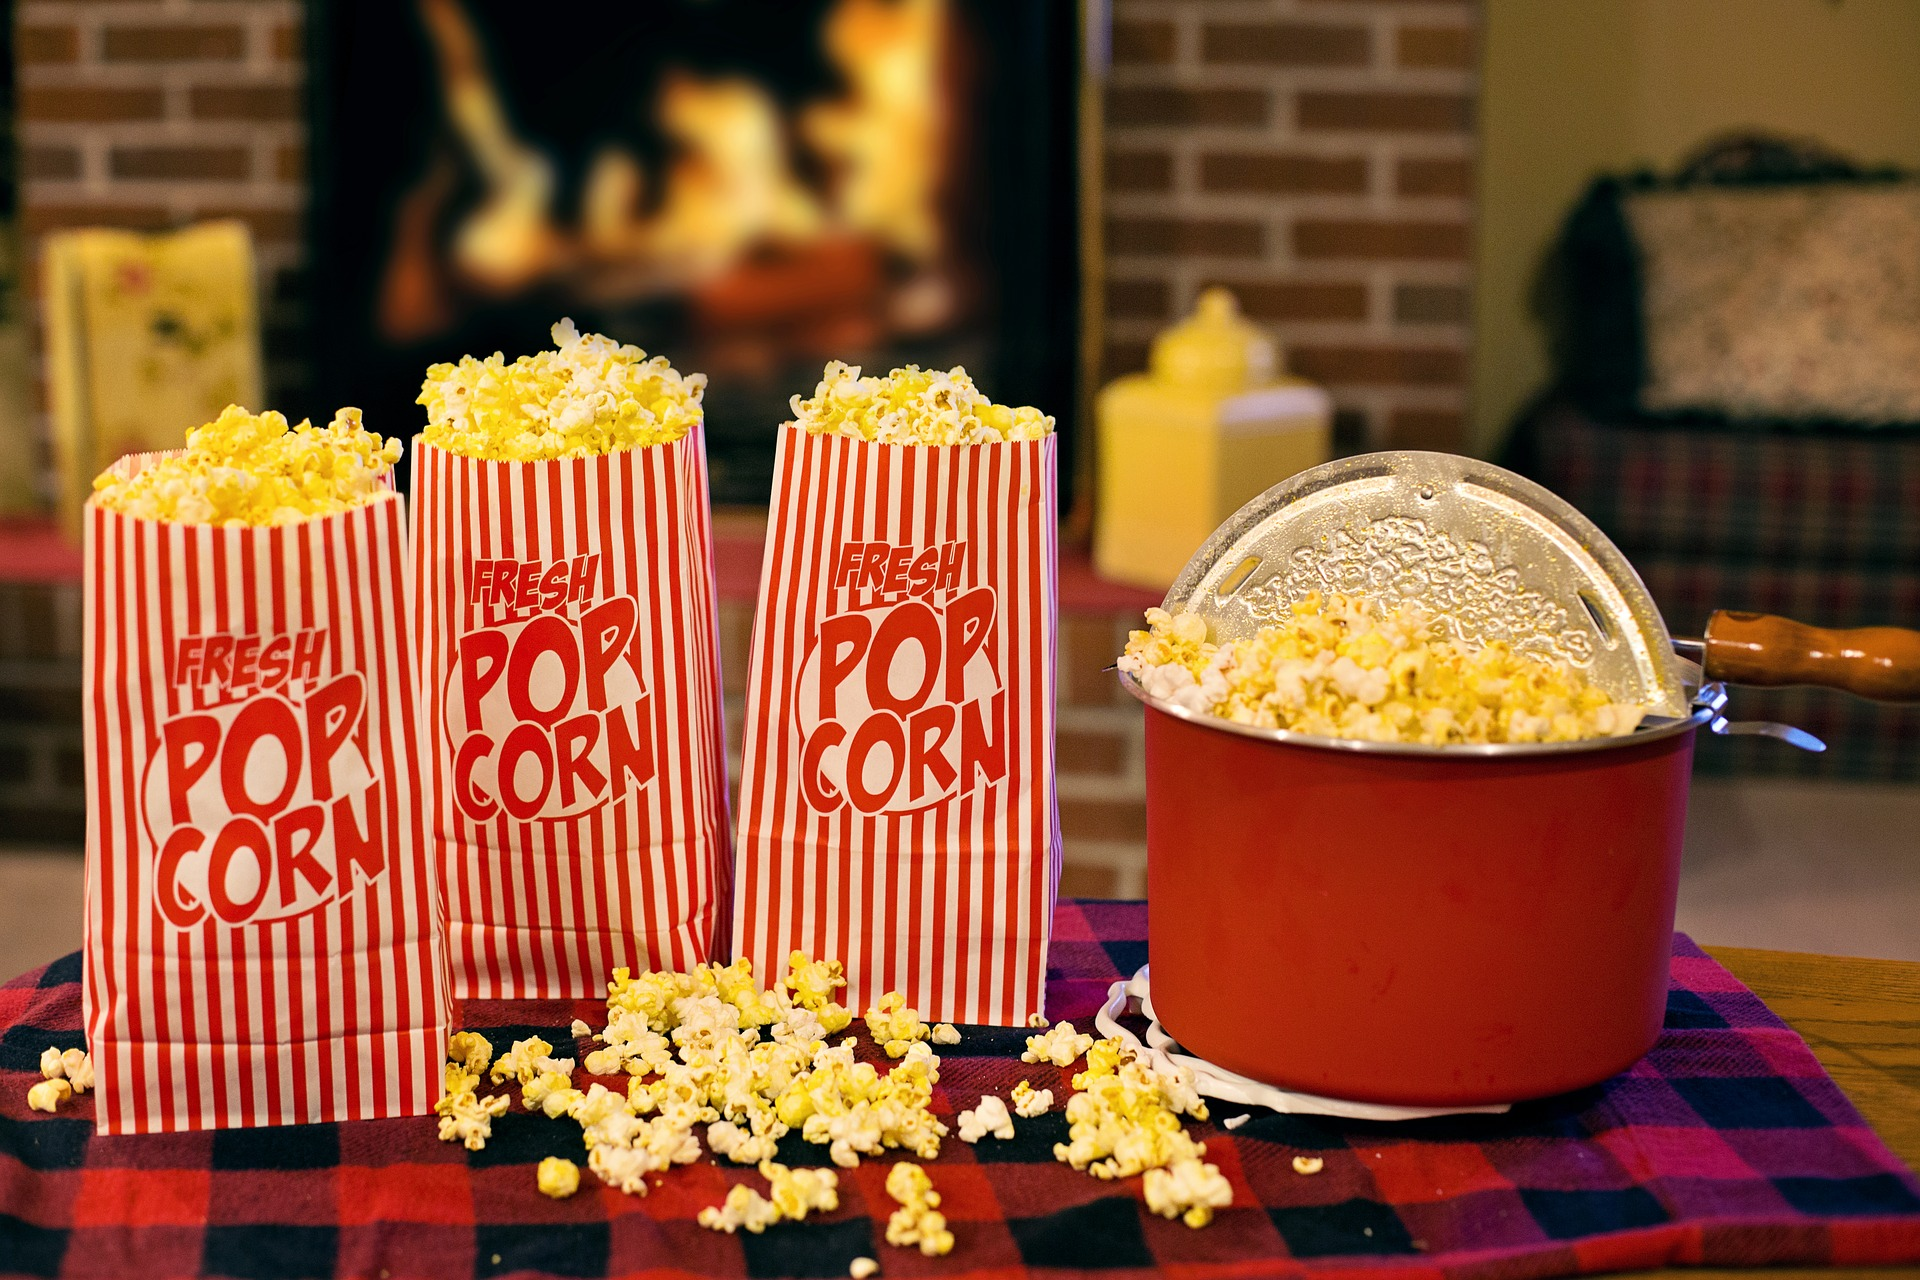 【FX】おすすめ投資・金融映画7作品を観て稼ぐコツを楽しく学ぼう